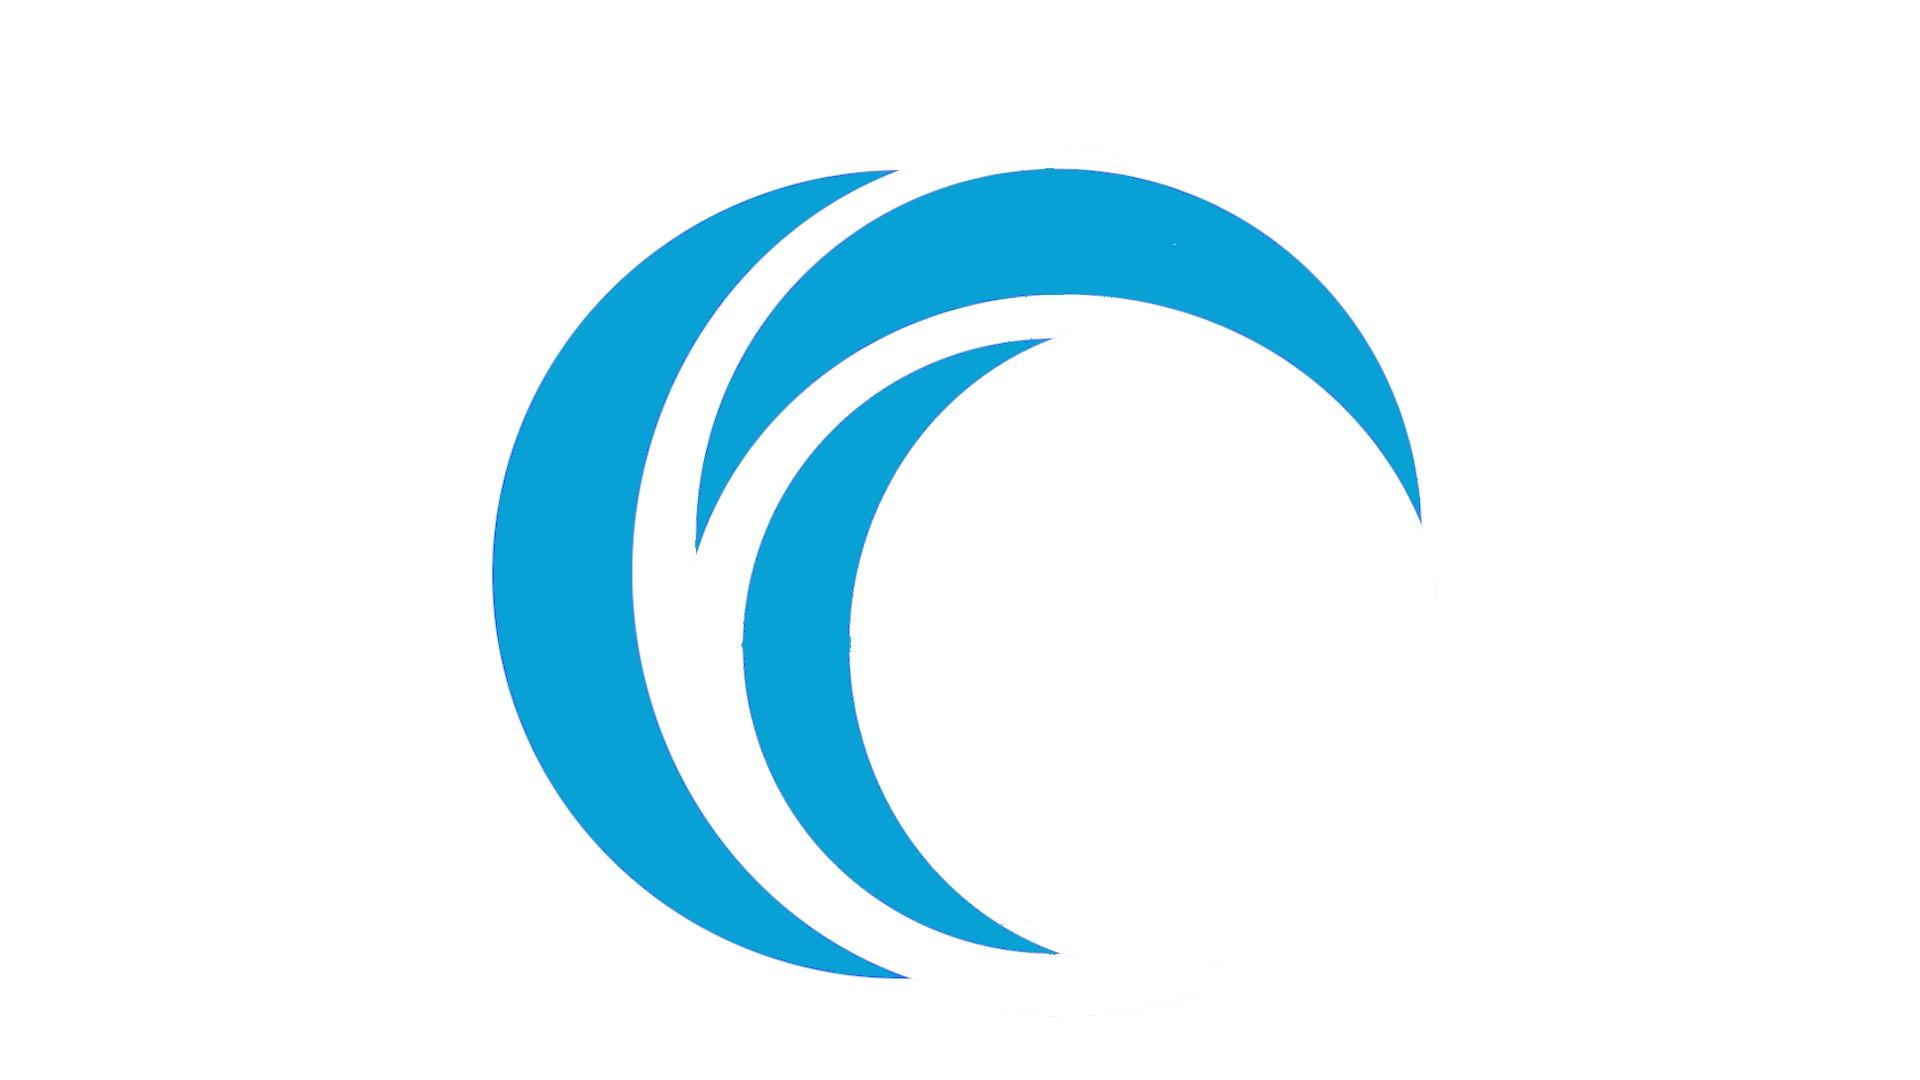 DENIZ GRUP DIS TICARET GIDA PAZARLAMA LTD. STI. logo